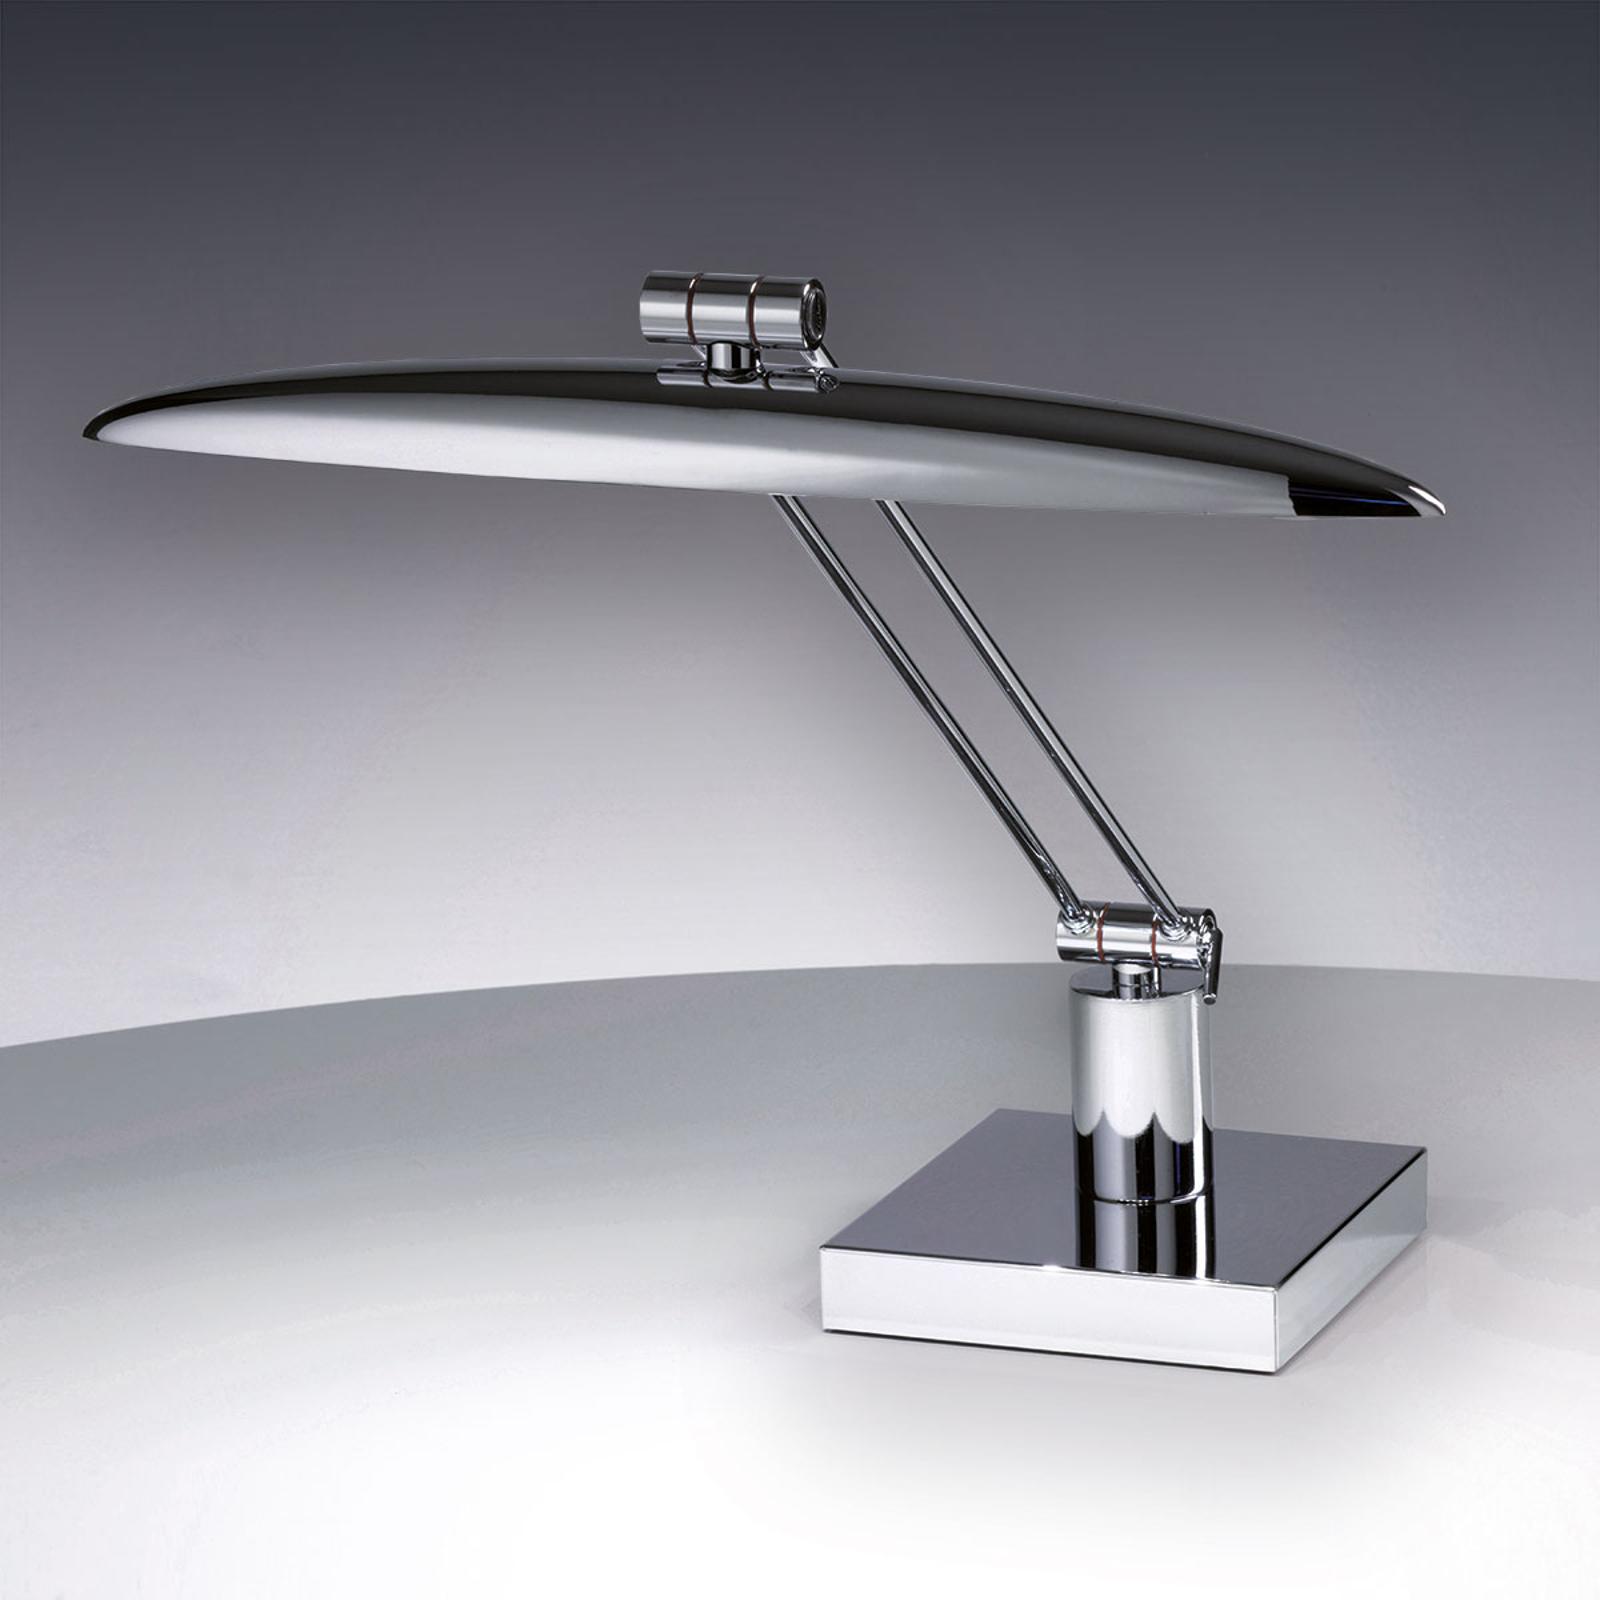 Hieno LED-pöytälukulamppu Anabella, kiiltävä kromi